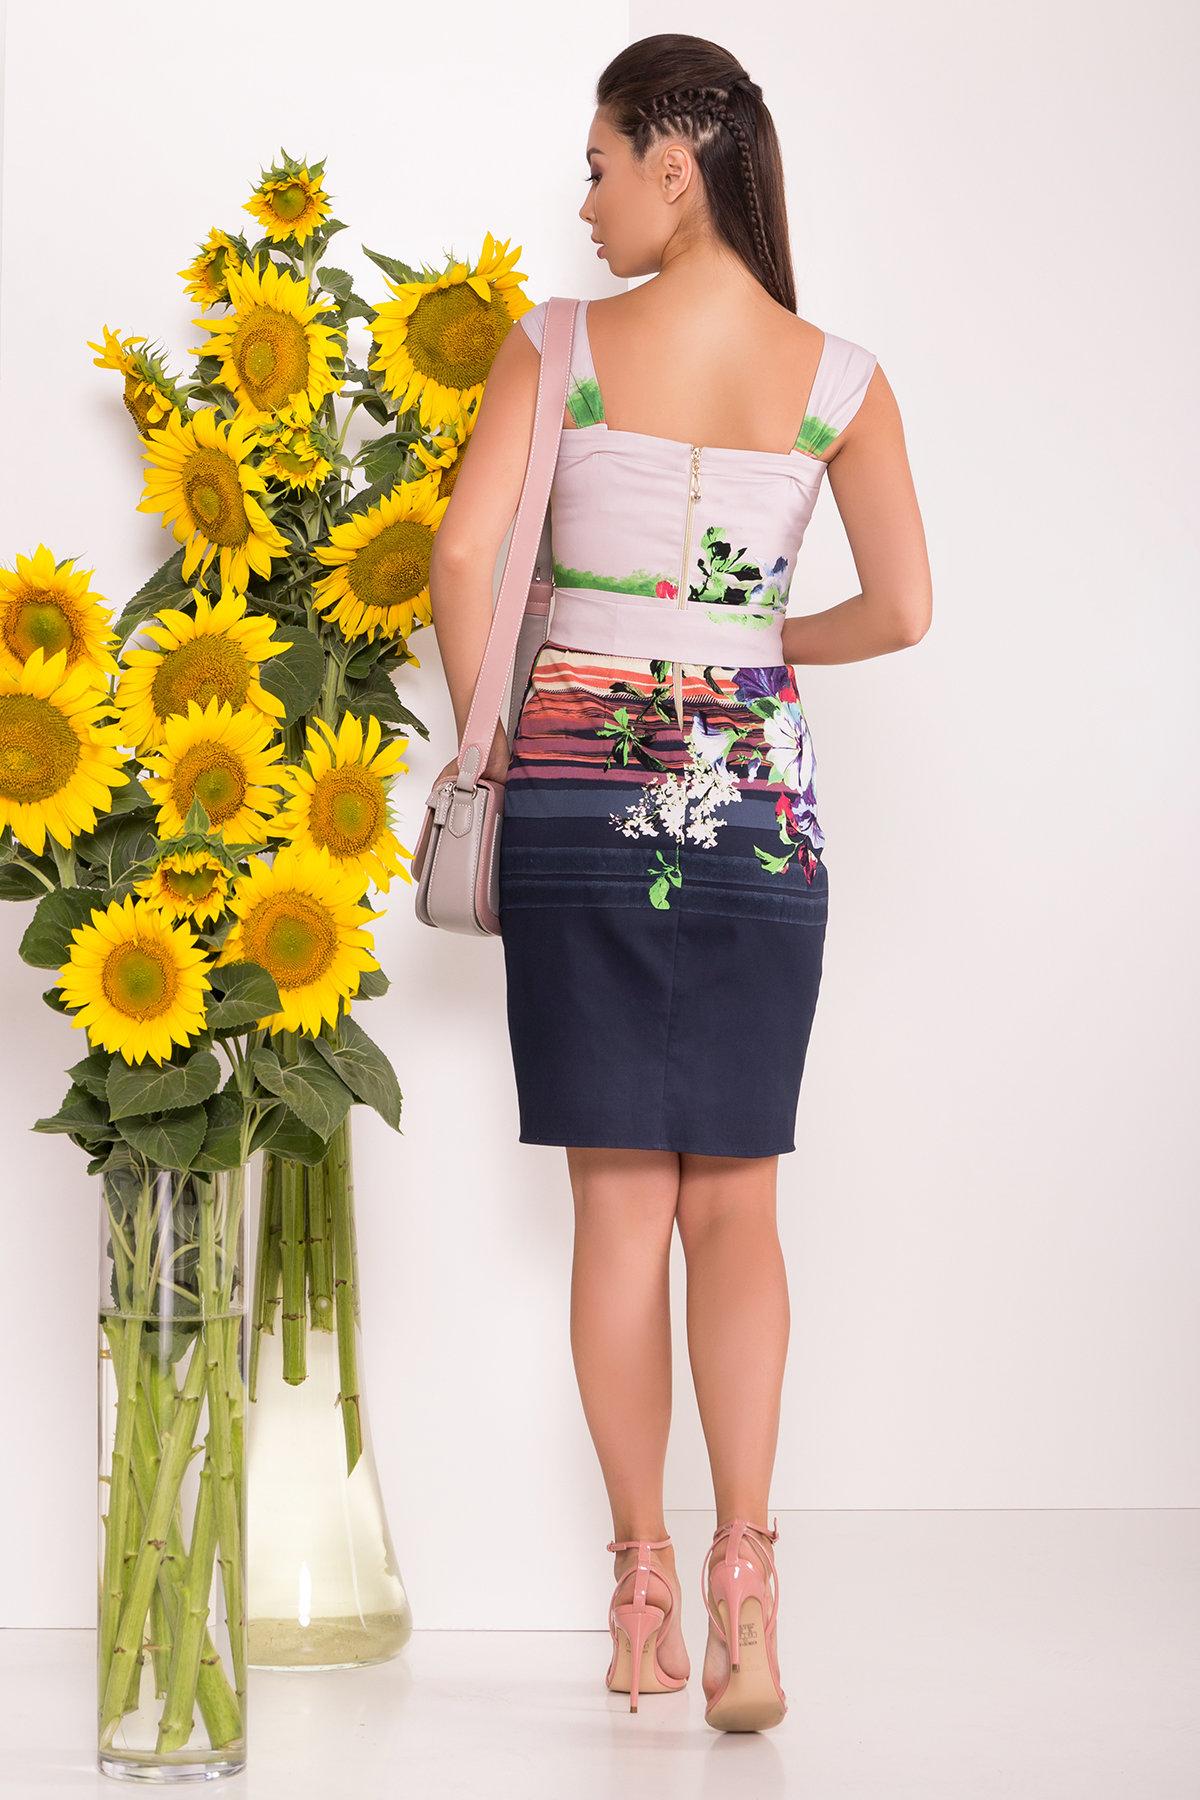 Платье Унгаро 7629 АРТ. 43555 Цвет: Цветы, т.синий/с.сирень - фото 2, интернет магазин tm-modus.ru